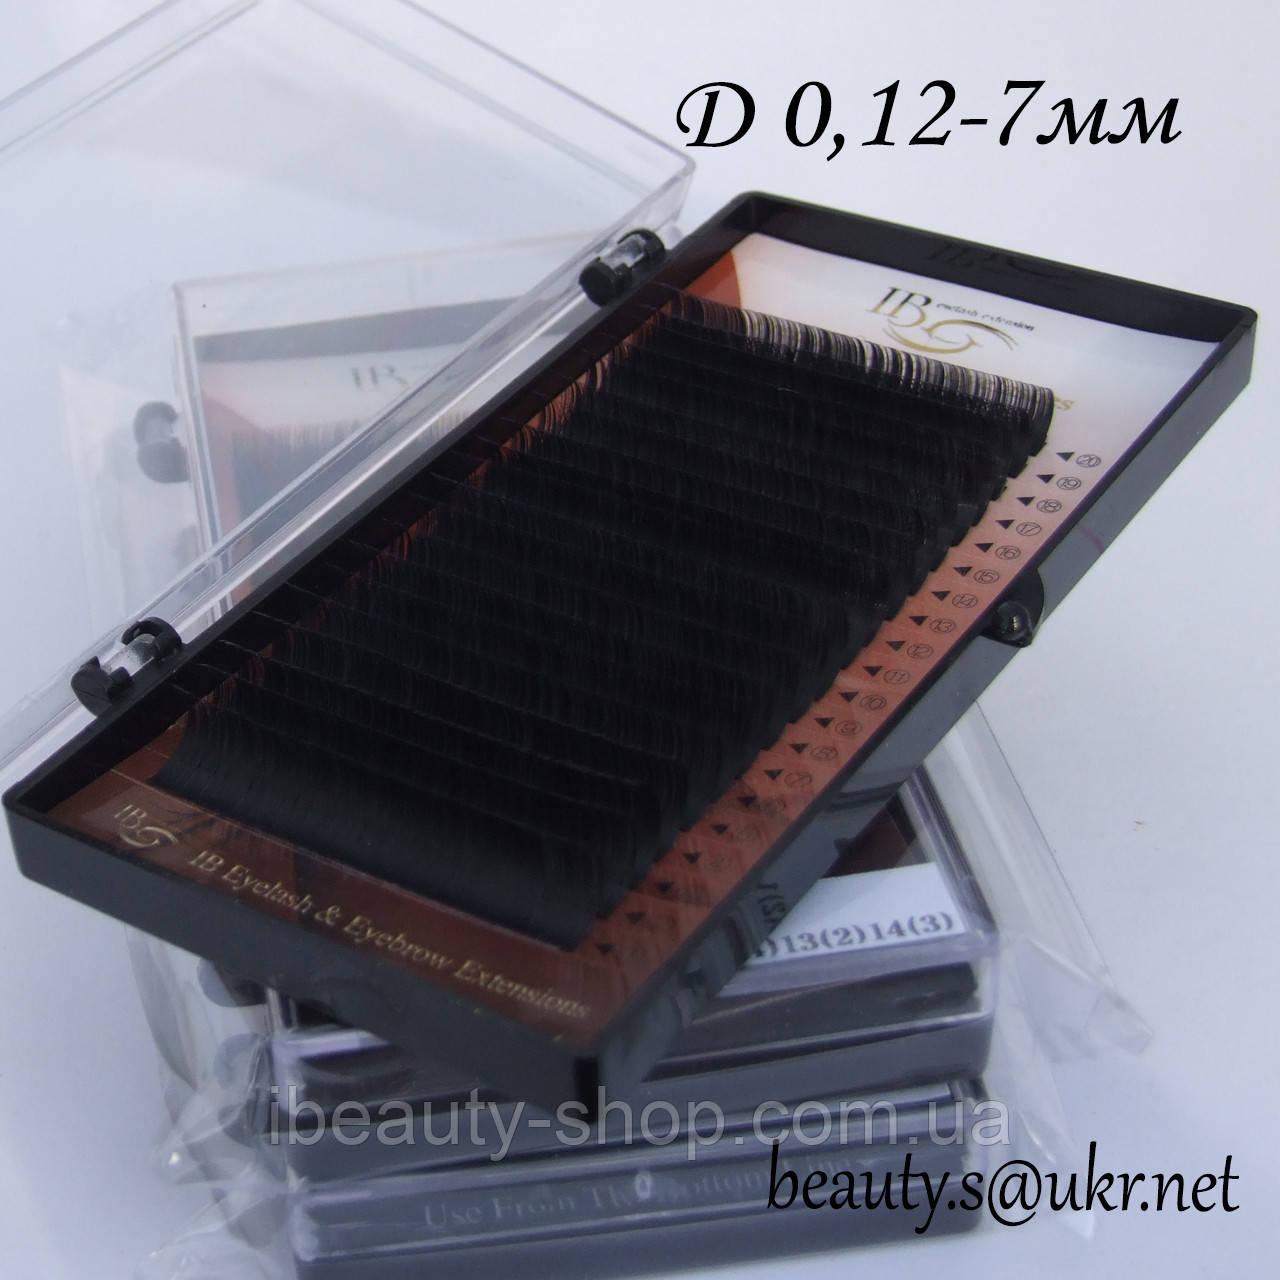 Ресницы  I-Beauty на ленте D-0,12 7мм